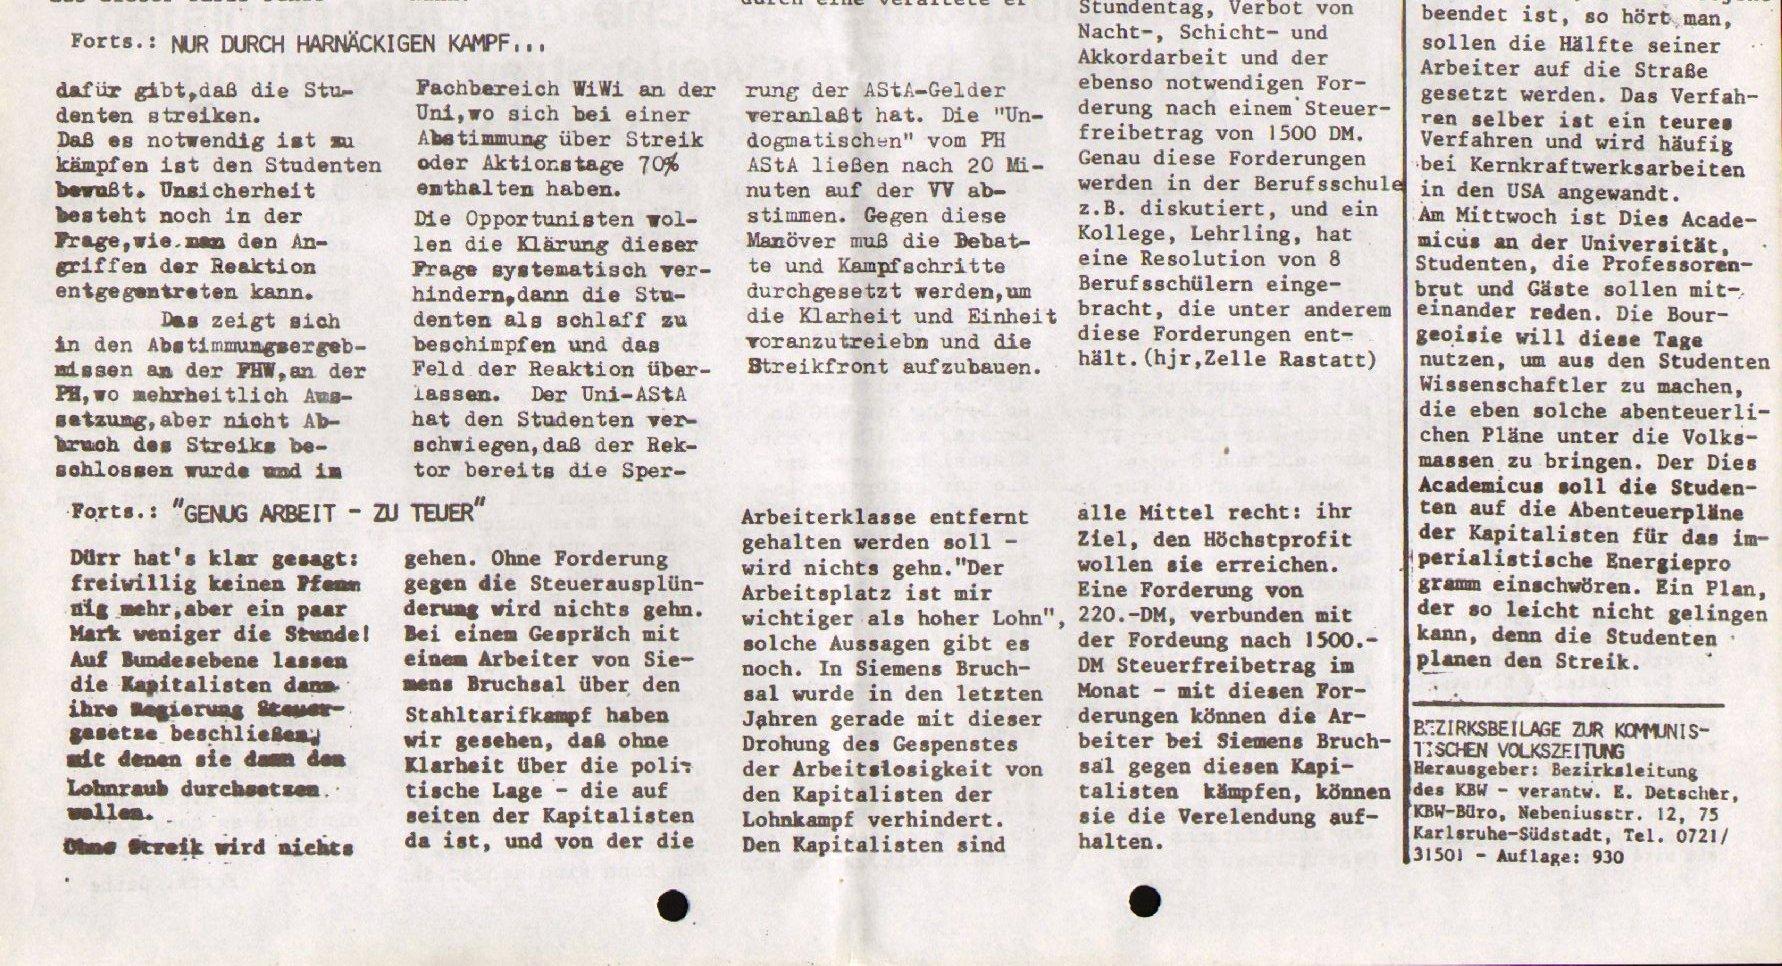 Oberrhein_KVZ456